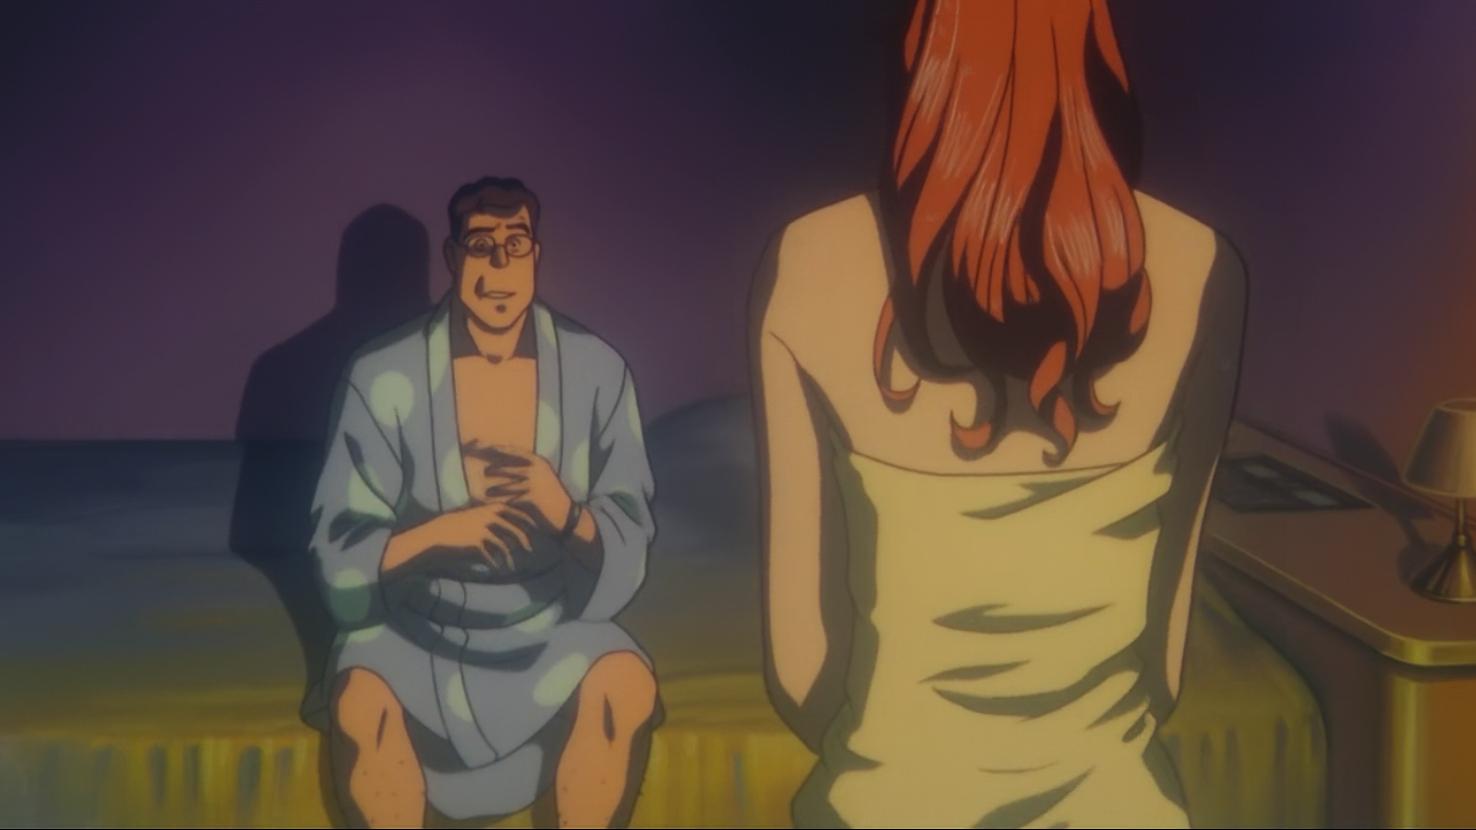 童年的阴影使性格扭曲,他产生人格分裂,变成女人专门捕杀已婚不忠男【怪医黑杰克】